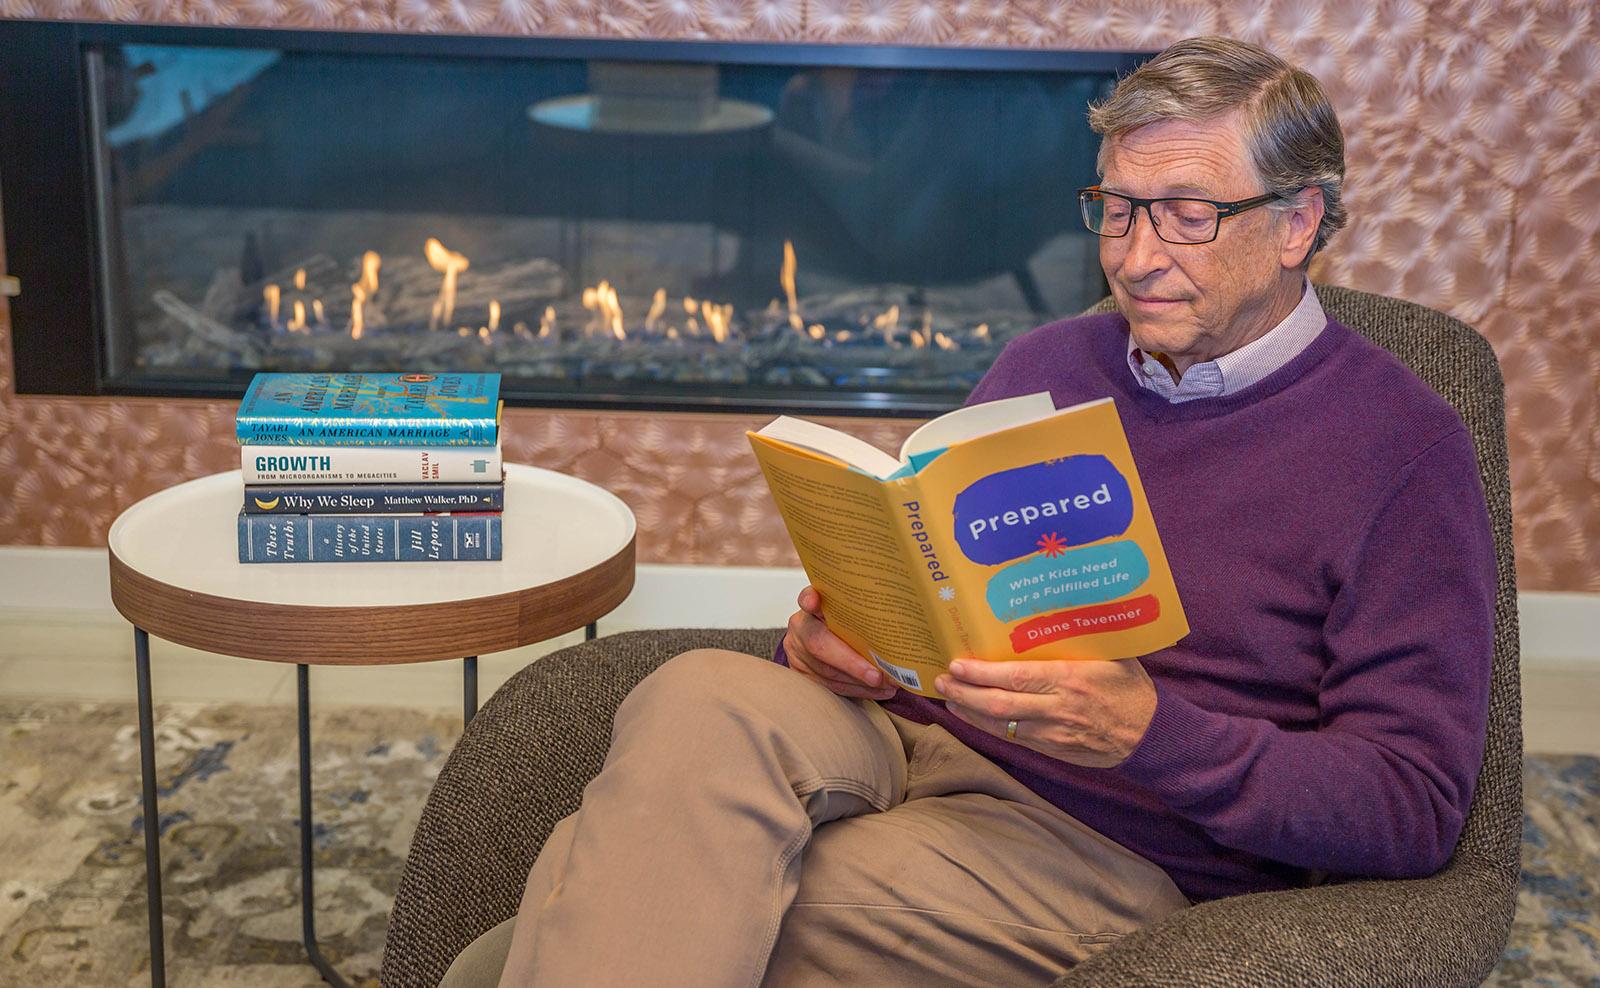 Bill Gates dan Sejumlah Buku yang Dibacanya Menjelang 2020